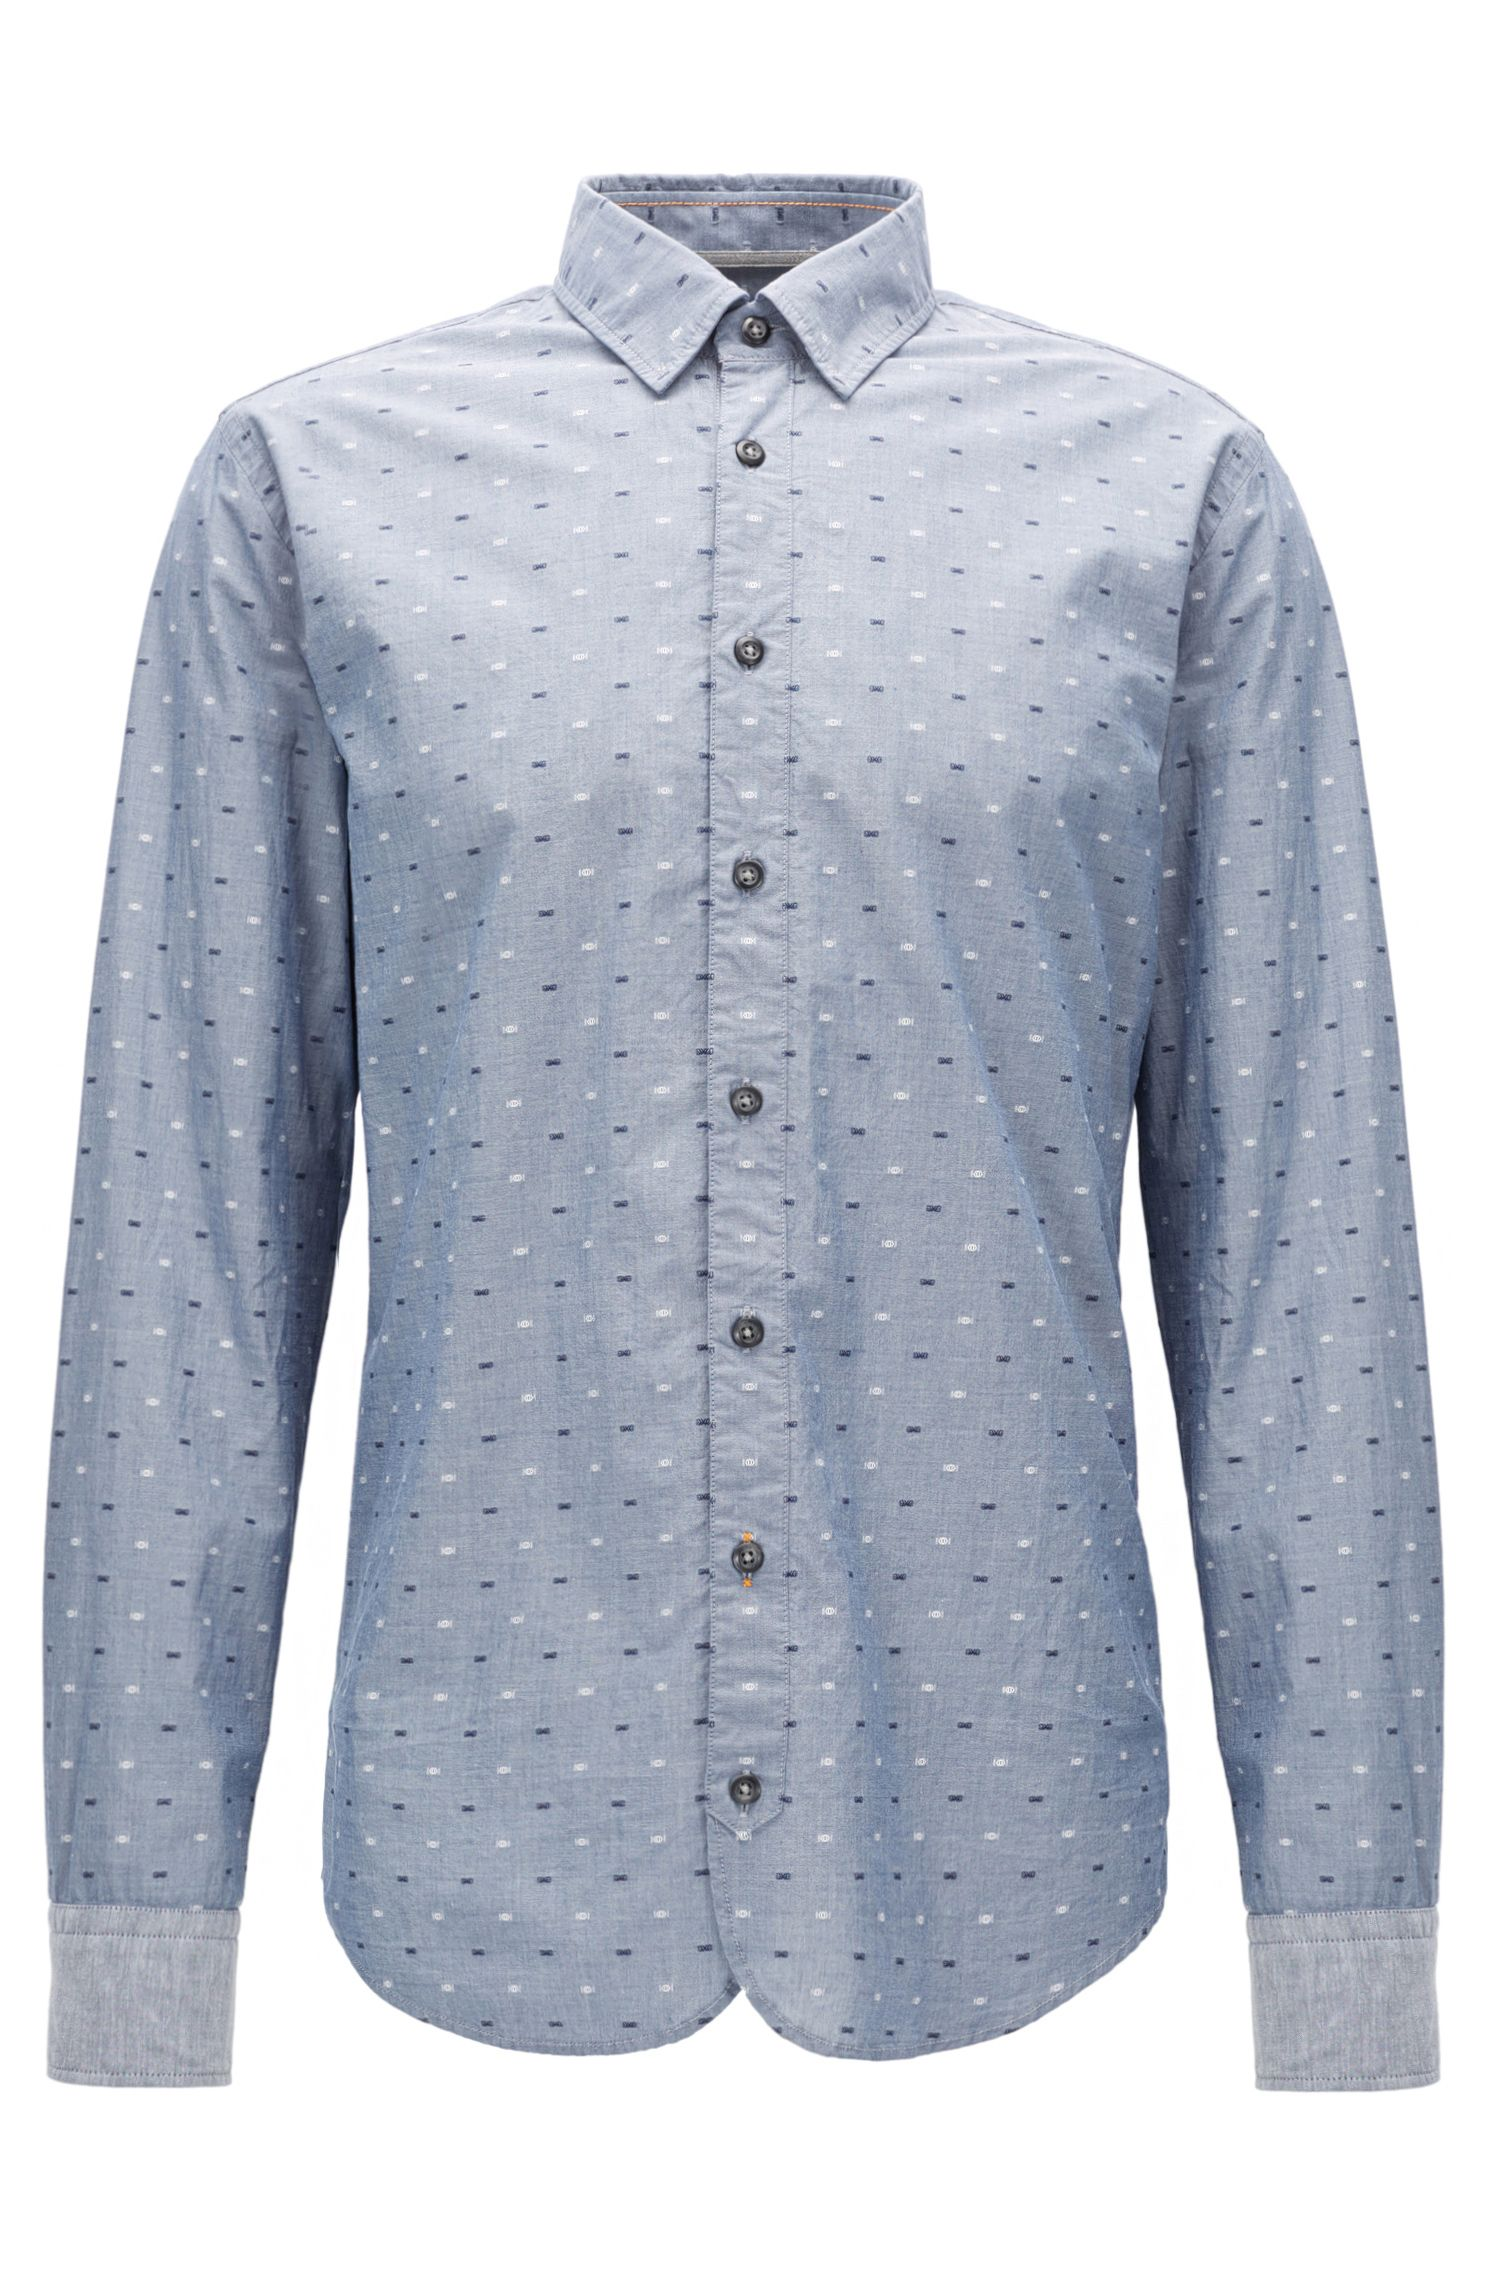 Slim-Fit Hemd aus Baumwolle mit Fil-coupé-Details